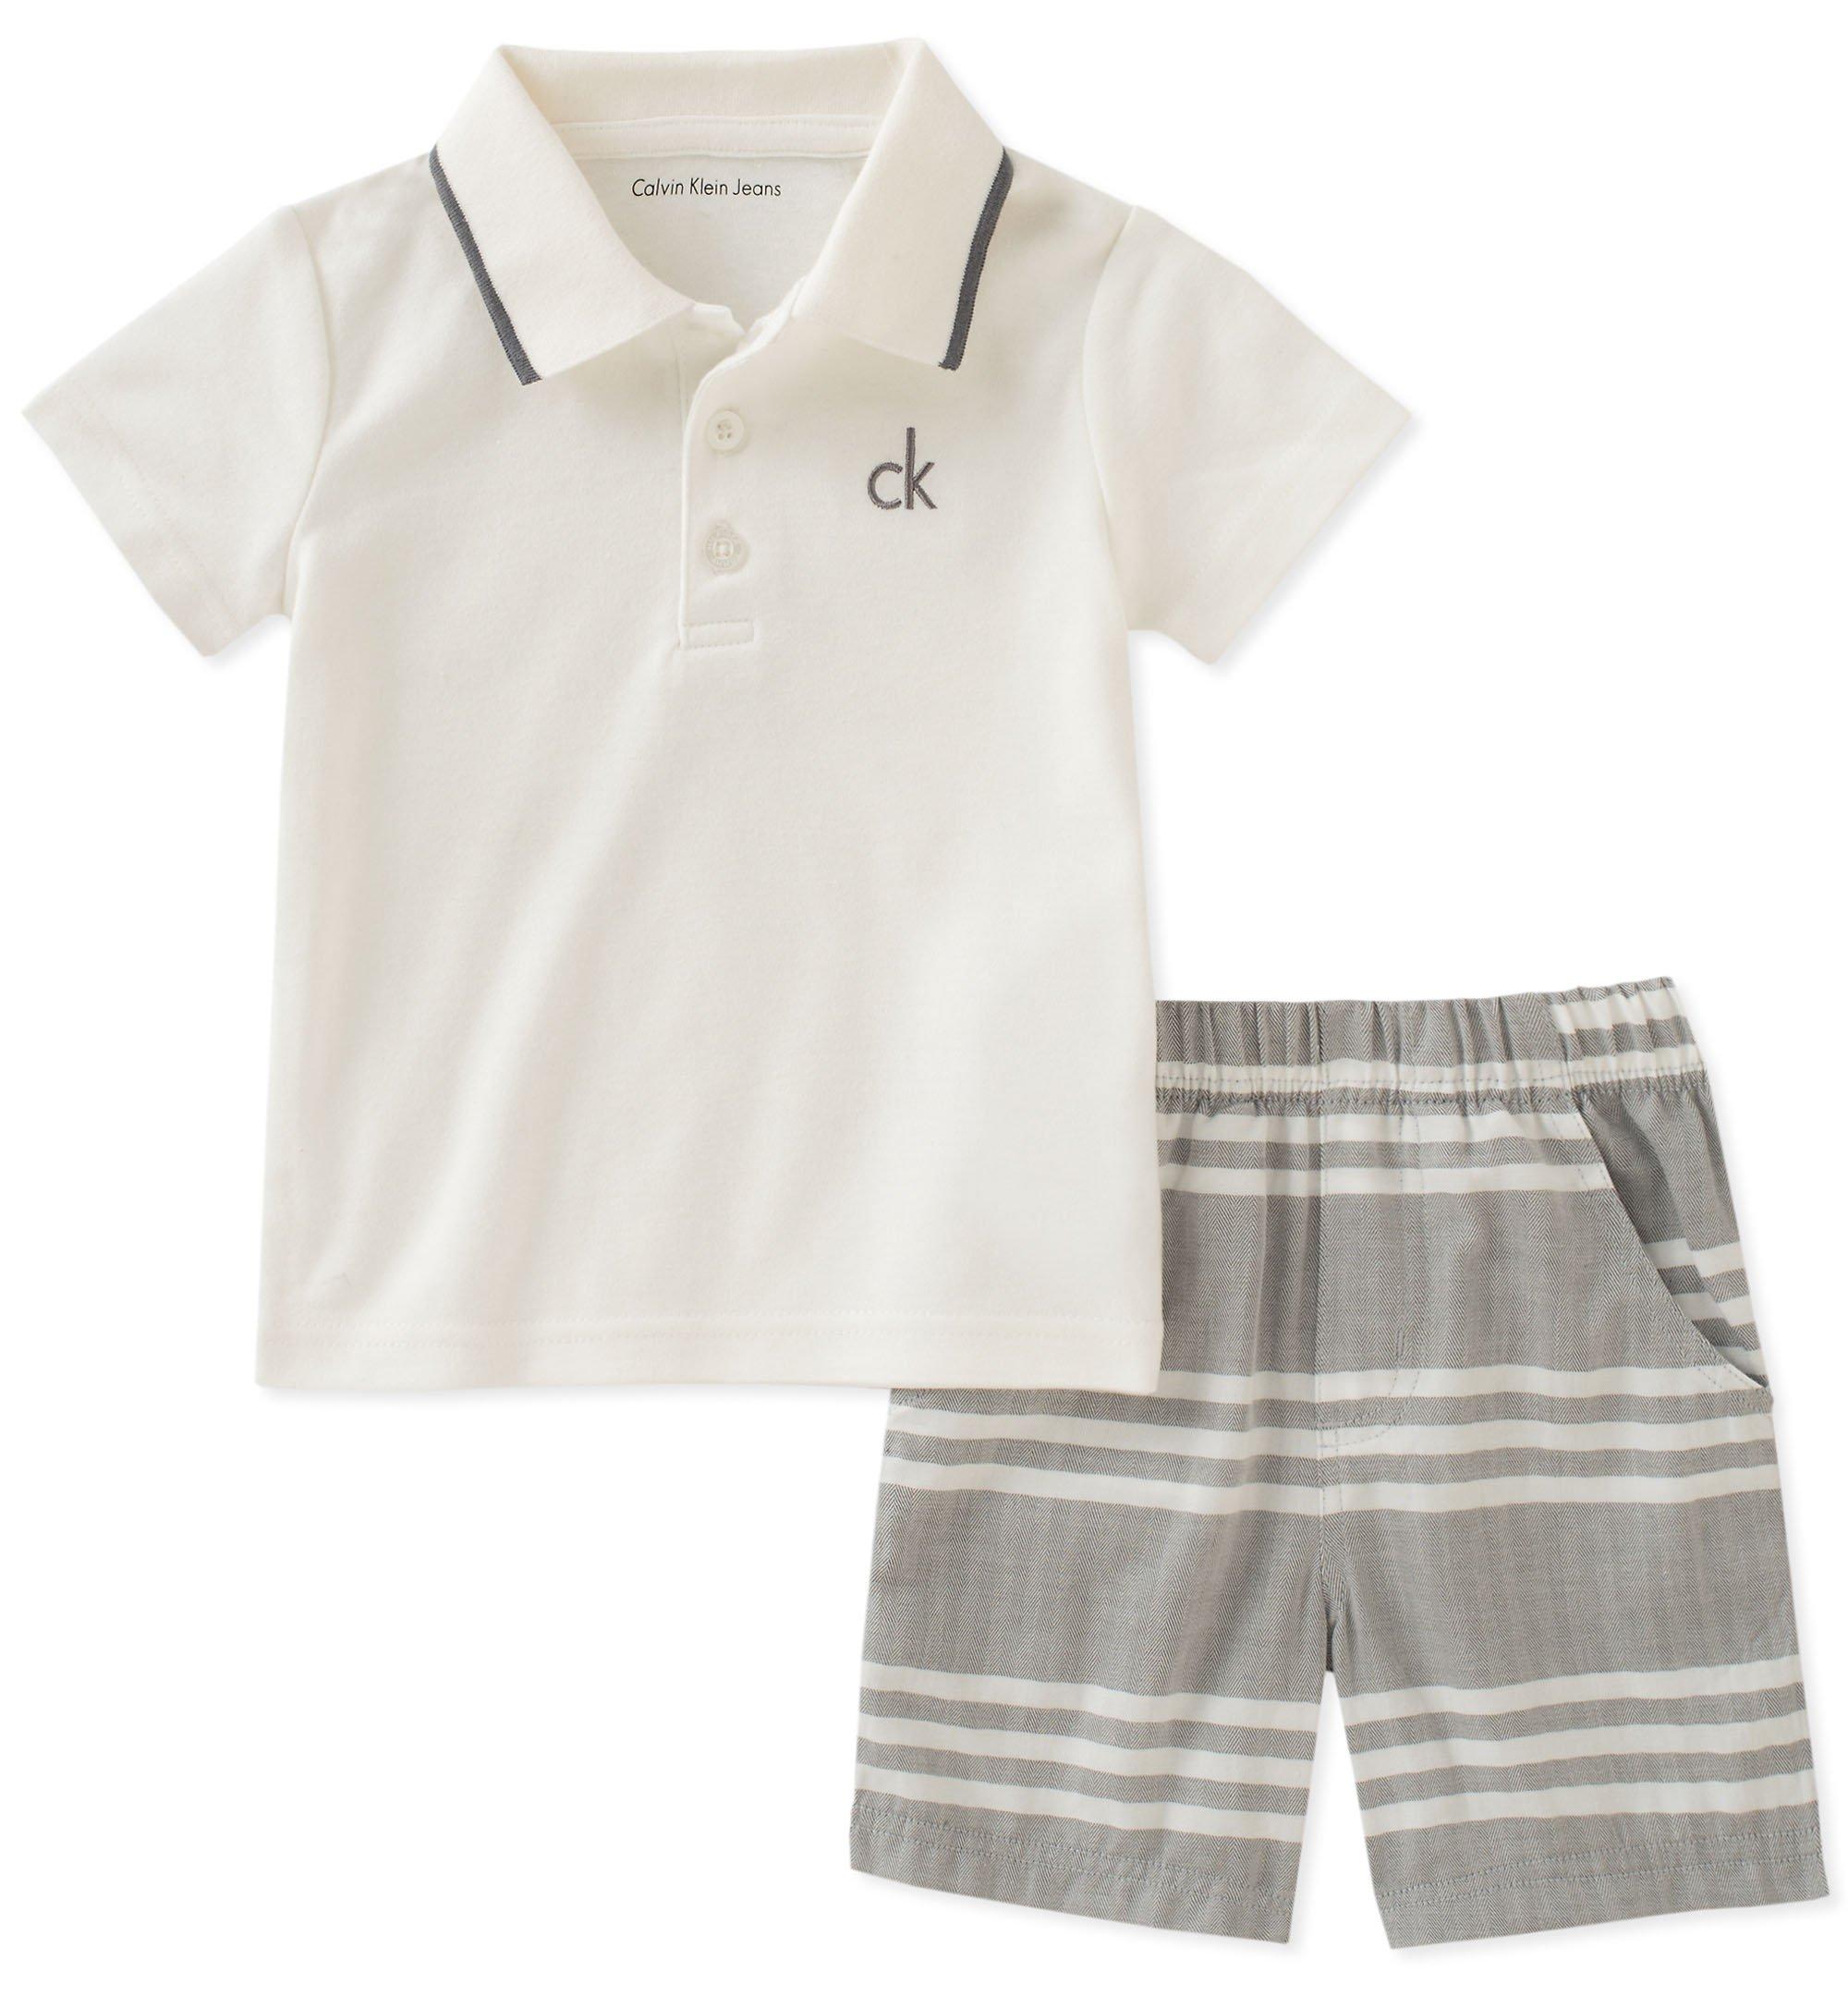 d0c71c9a5 Galleon - Calvin Klein Baby Boys 2 Pieces Bodysuit Shorts Set,  Vanilla/Gray, 6-9 Months